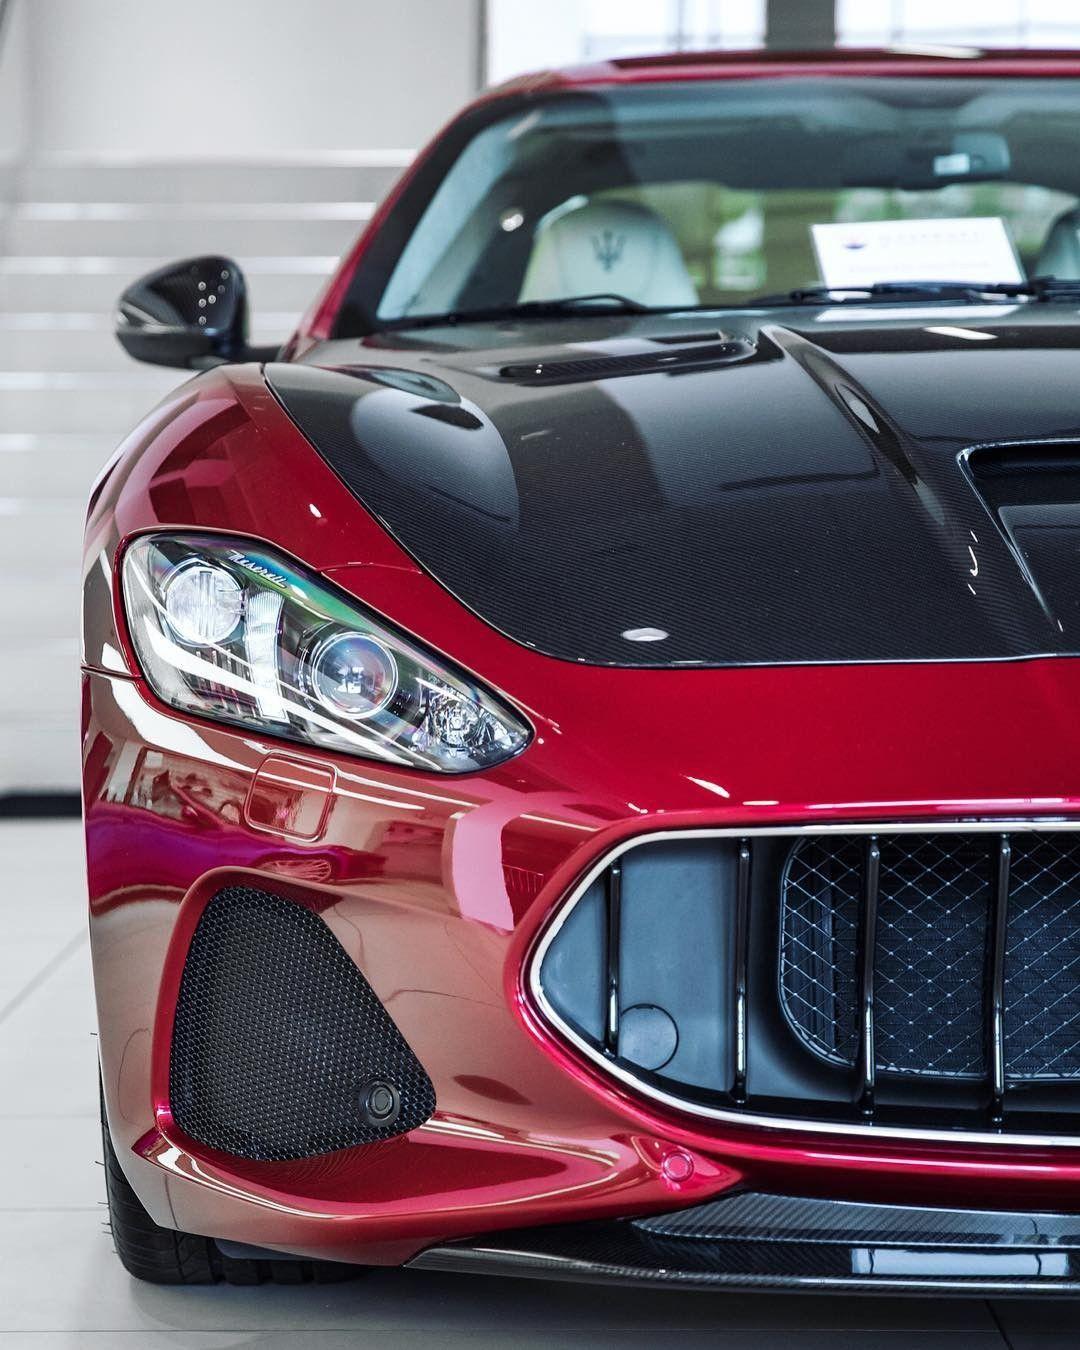 Pin on Porsche Bentley Maserati Cadillac